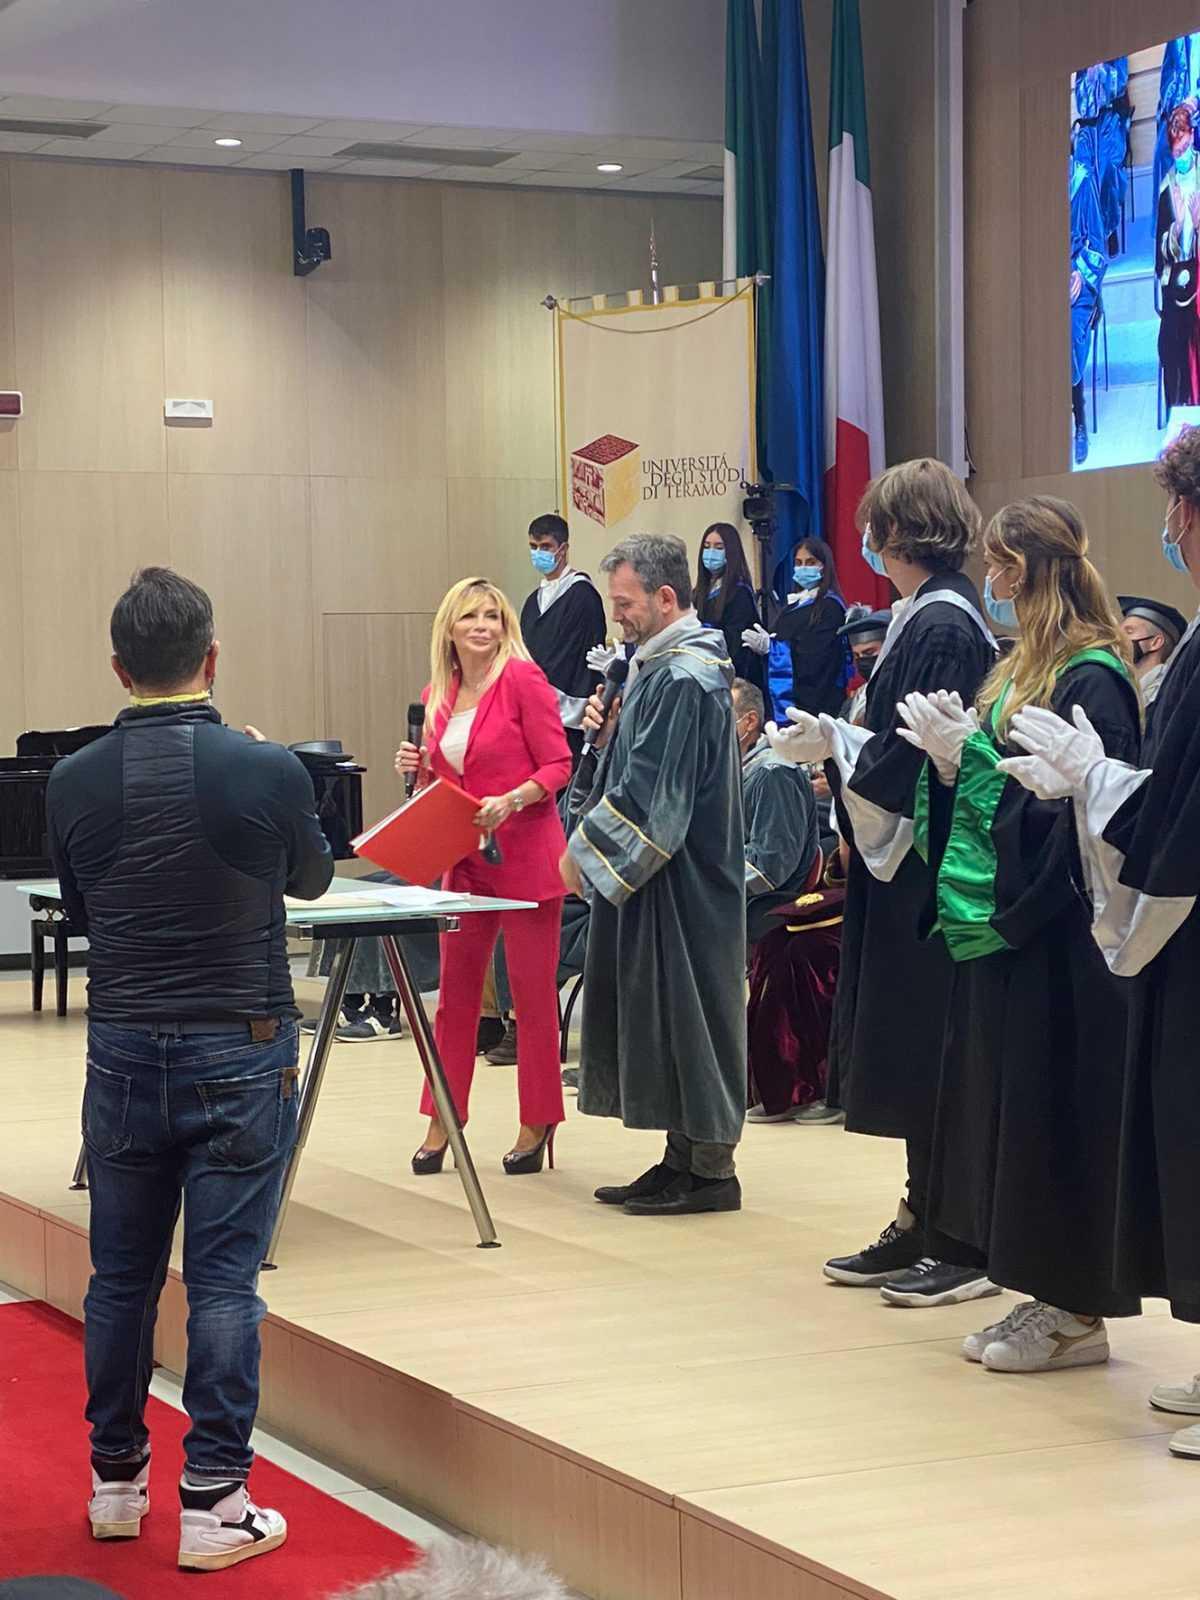 FOTO | Unite, consegnate le pergamene a 50 laureati di Scienze della Comunicazione